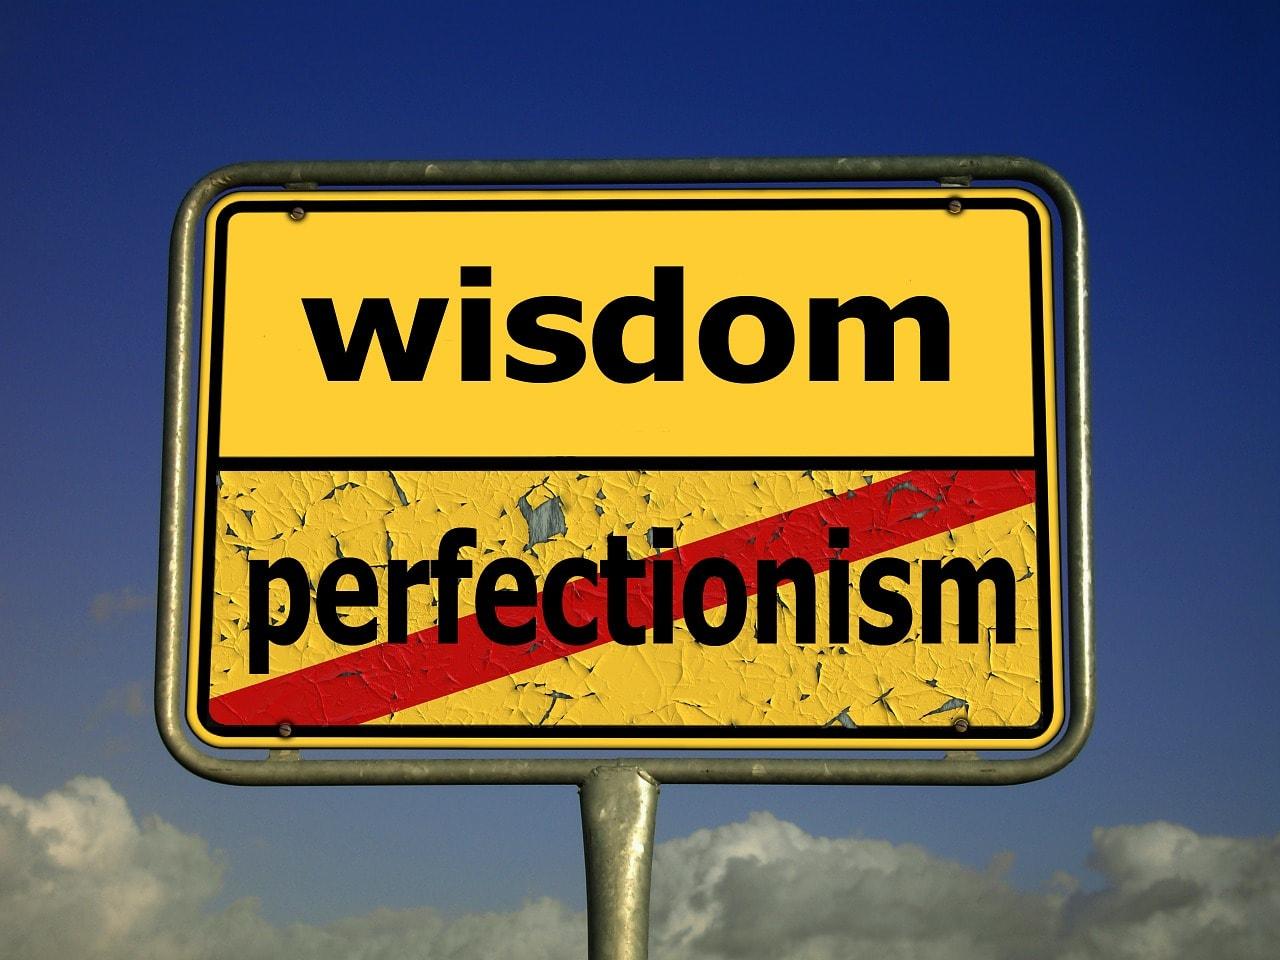 完璧主義を捨てる賢明さを